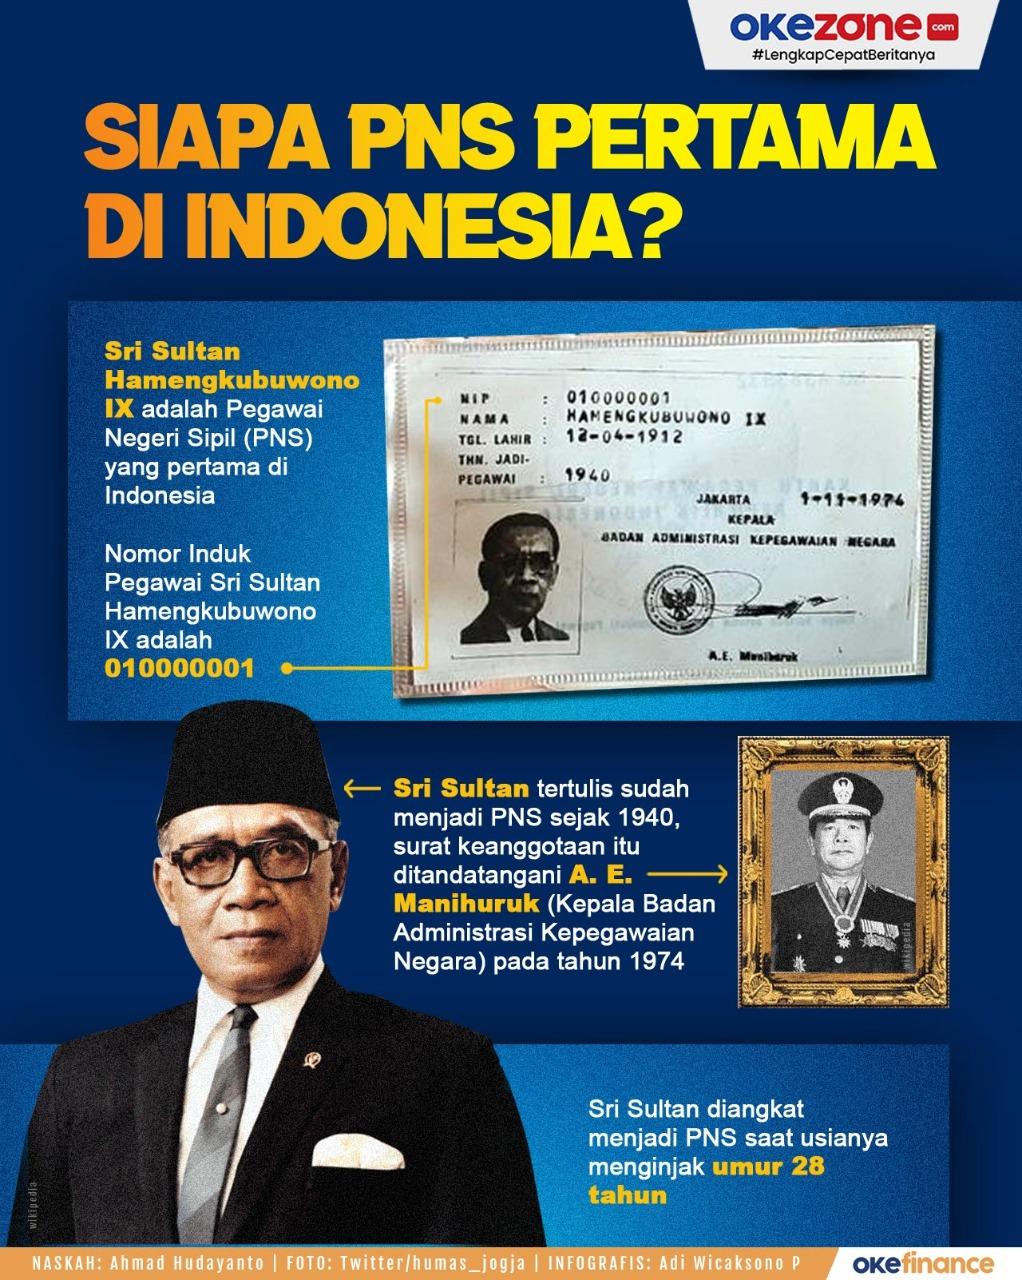 Siapa PNS Pertama di Indonesia? -